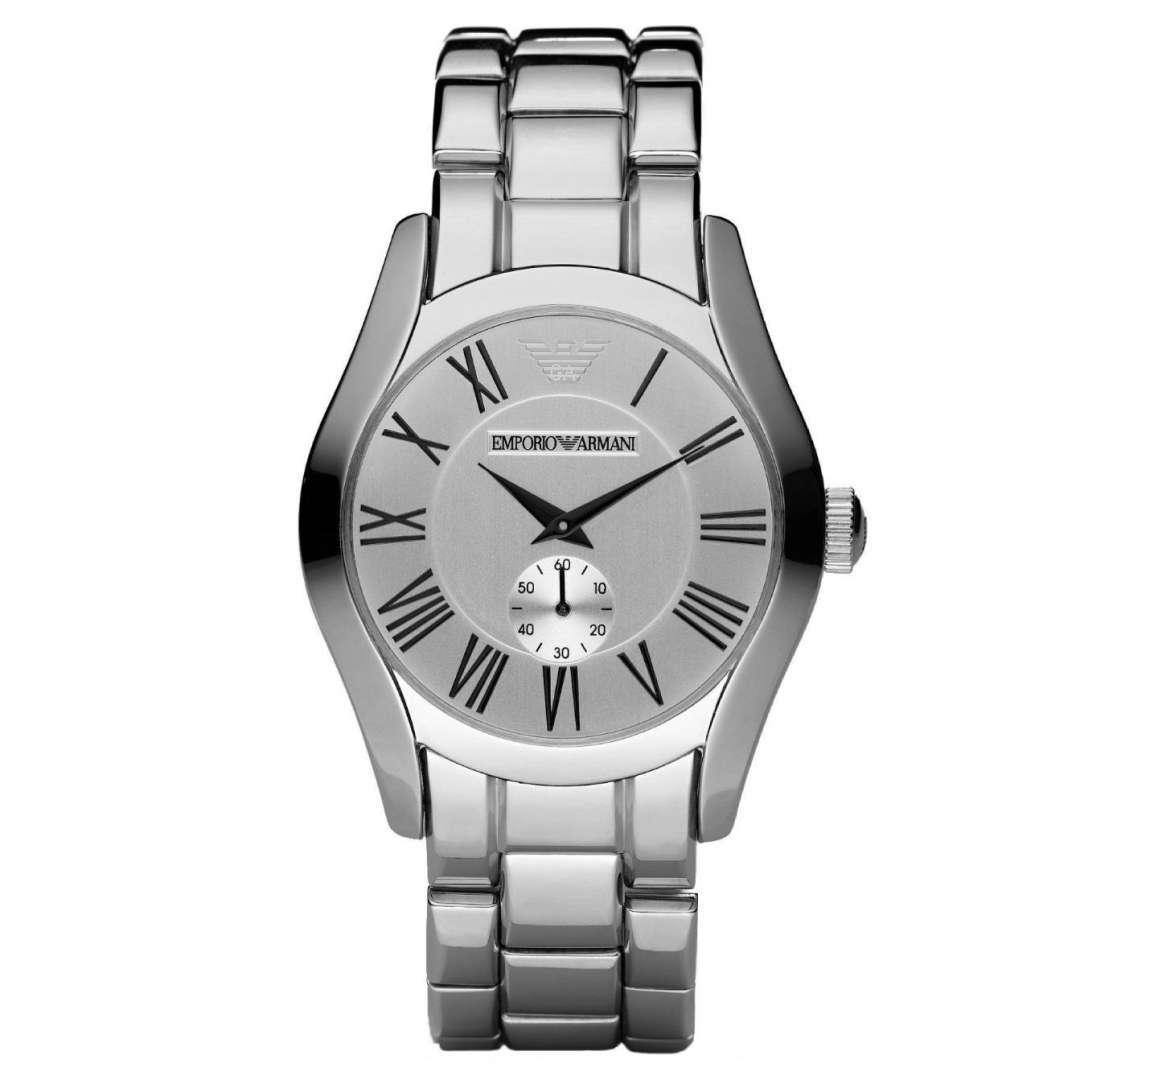 שעון יד אנלוגי לגבר emporio armani ar0647 אמפוריו ארמני